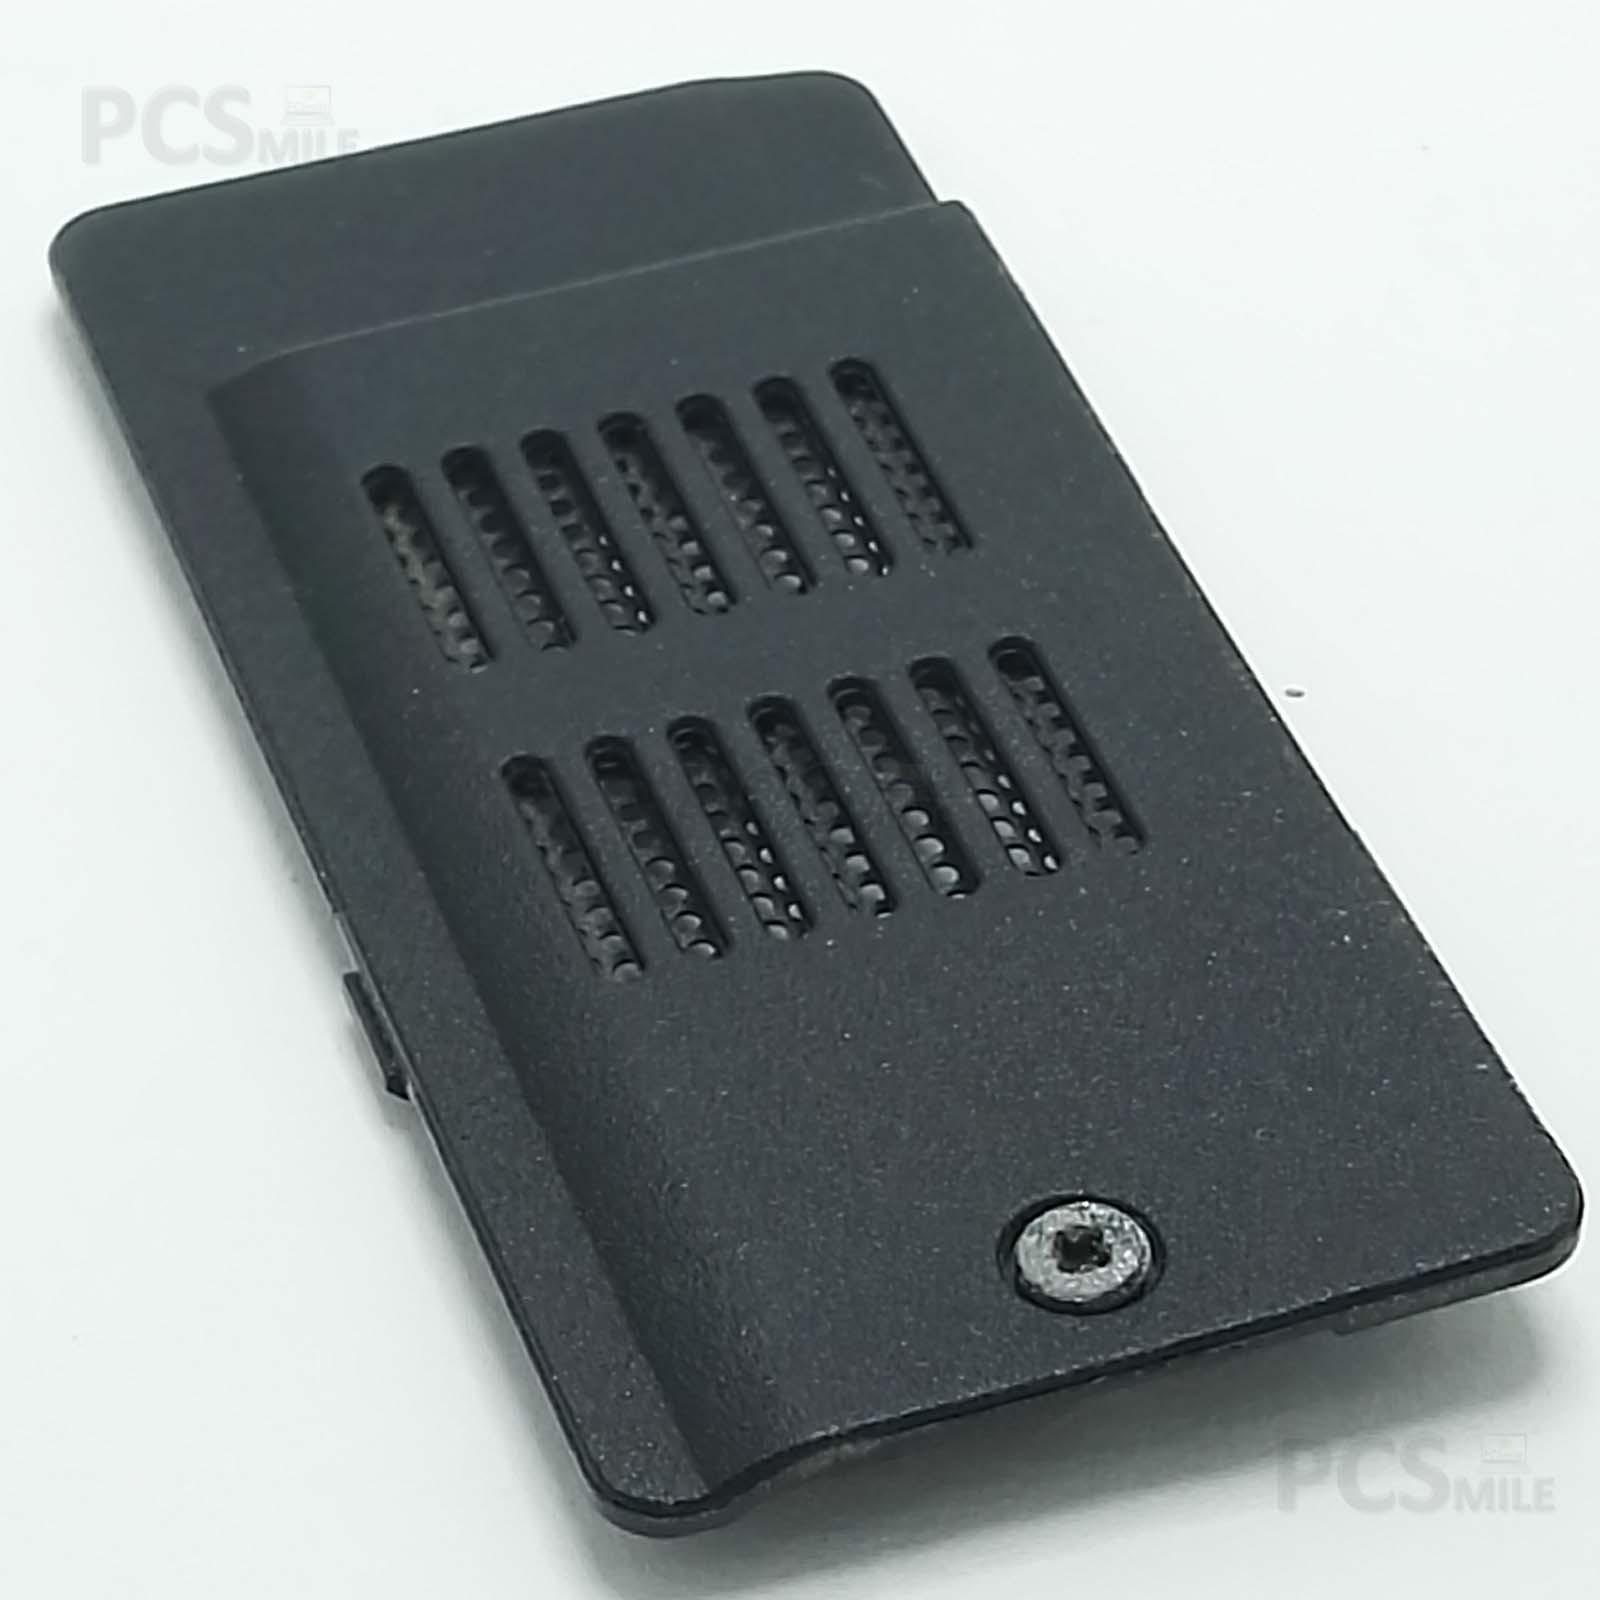 Sportellino AP0CB000900 Packard bell EasyNote TM85